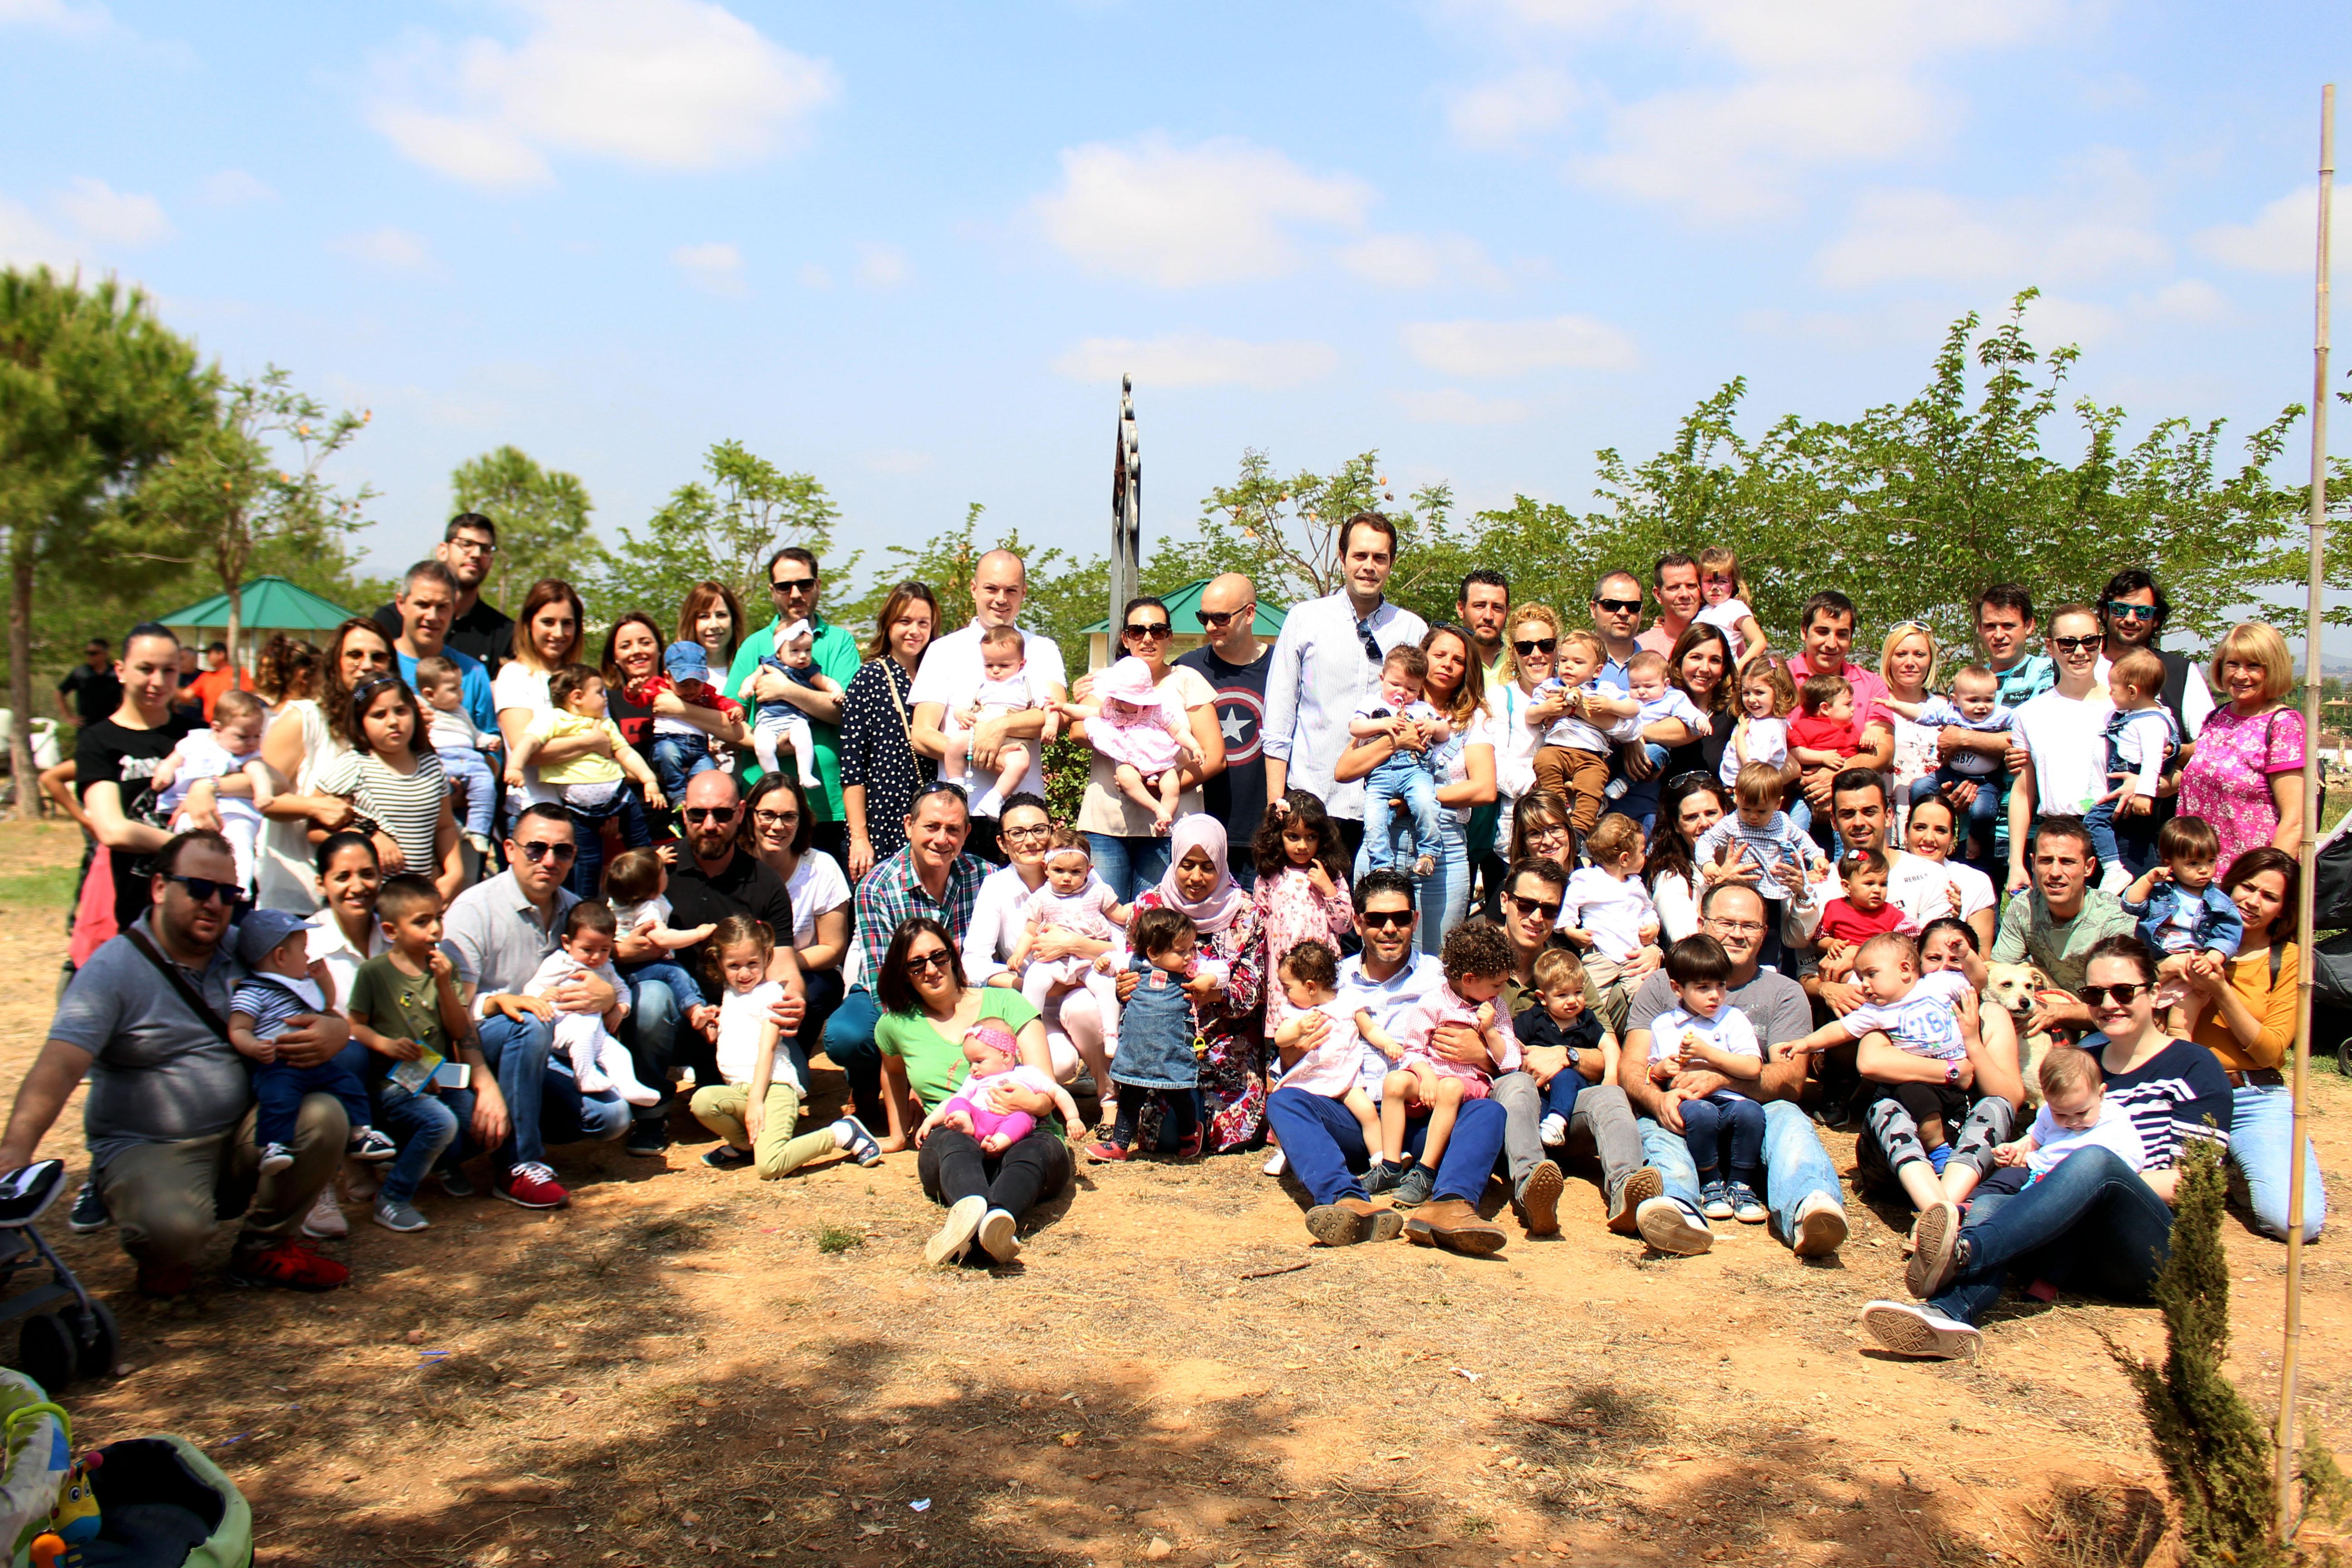 Los 60 niños y niñas nacidos en 2017 ya cuentan con su placa conmemorativa en el Parque de La Lomiquia.